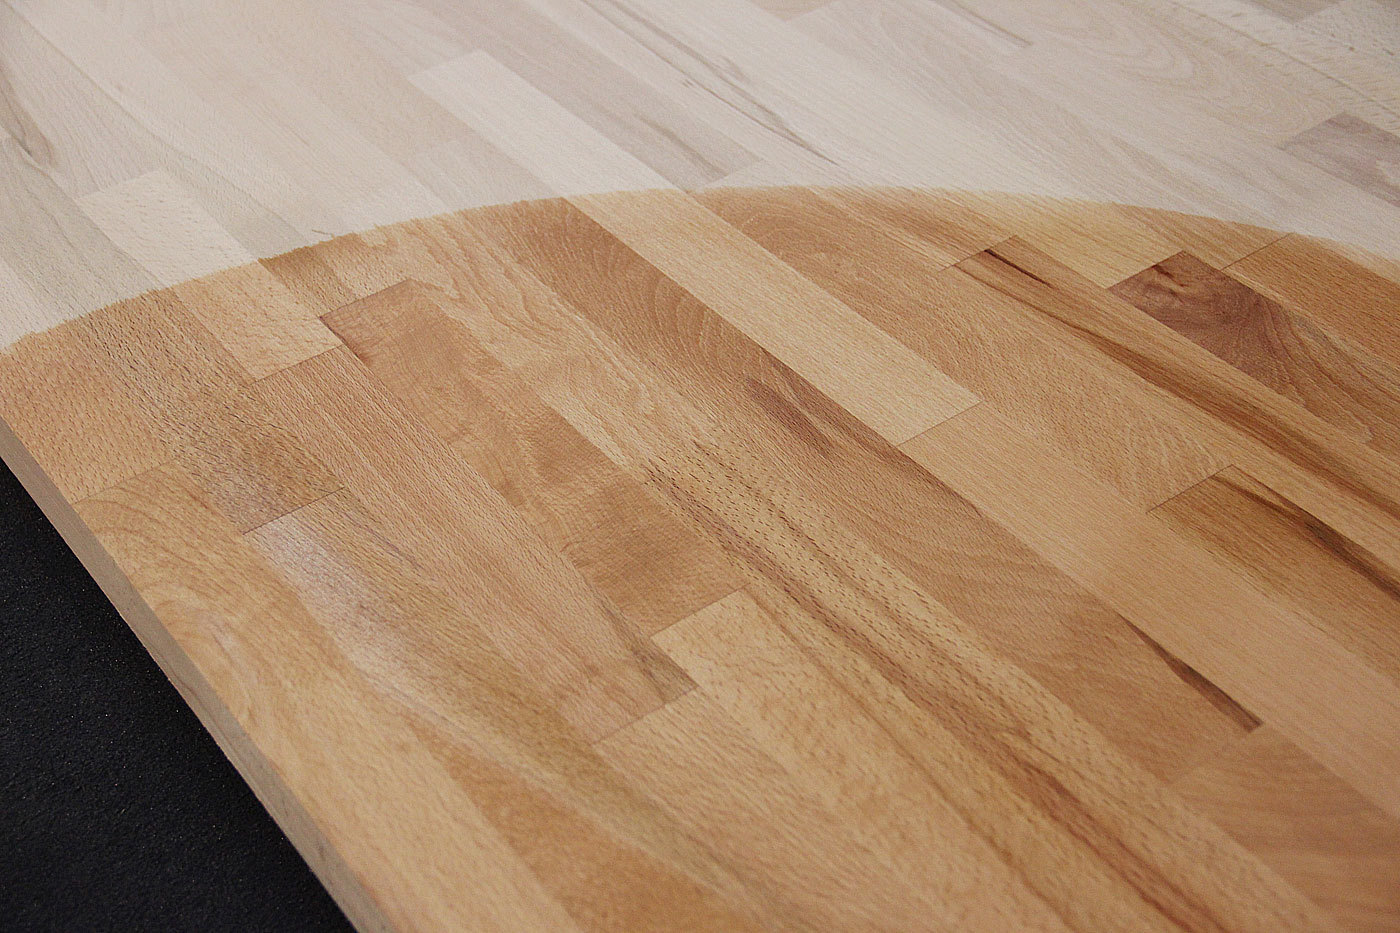 tischplatte massivholz kernbuche kgz fsc 40 x diverse l ngen x 1000 mm. Black Bedroom Furniture Sets. Home Design Ideas